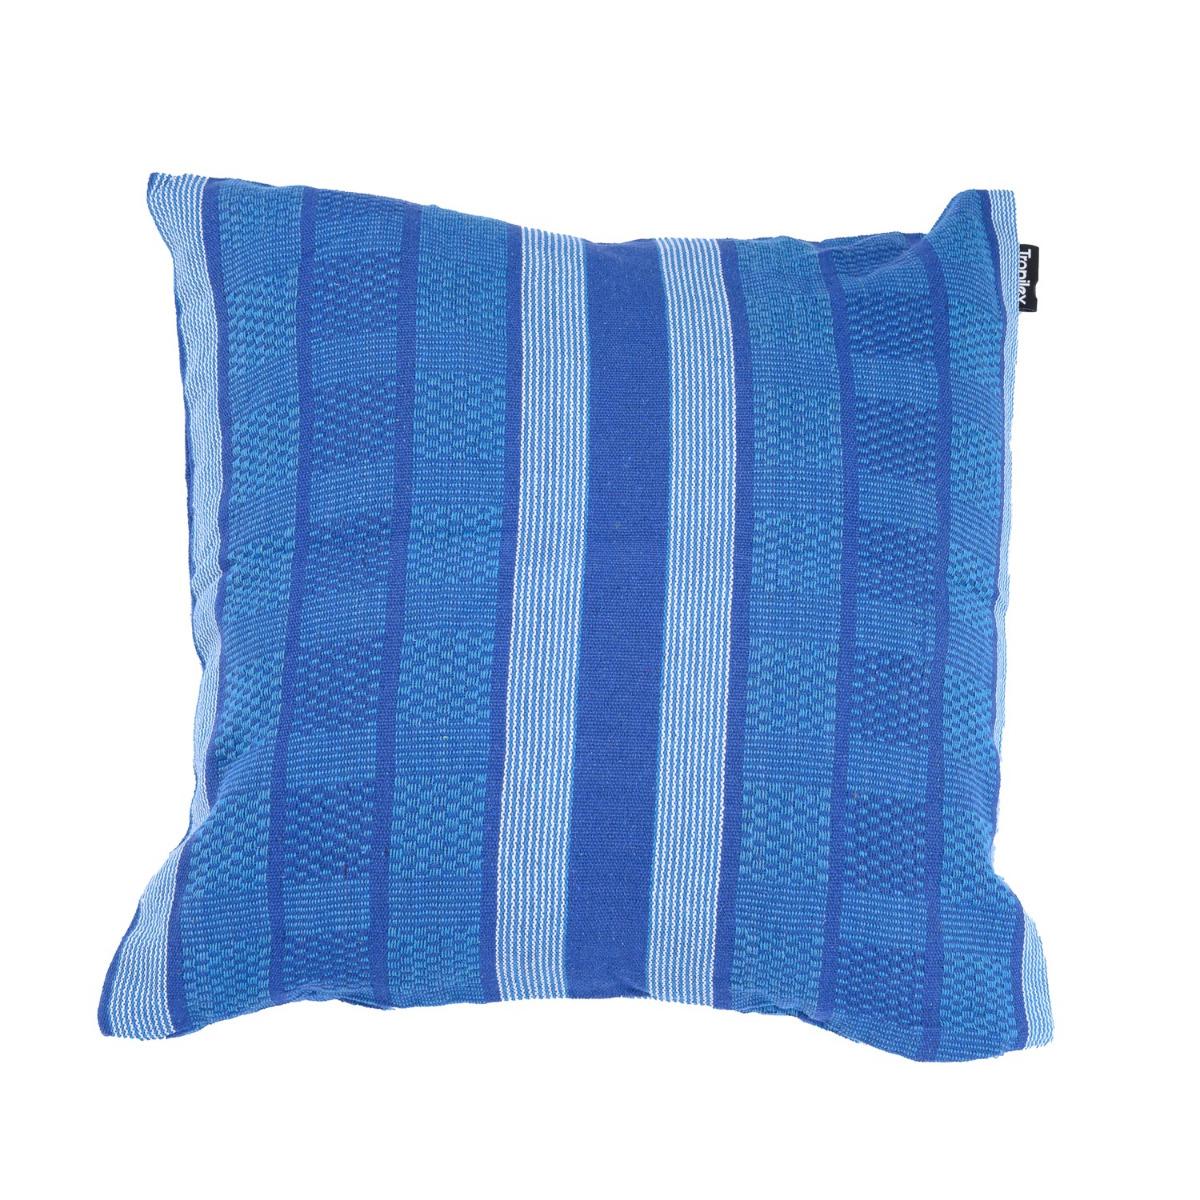 Kussen 'Chill' Calm - Blauw - Tropilex �